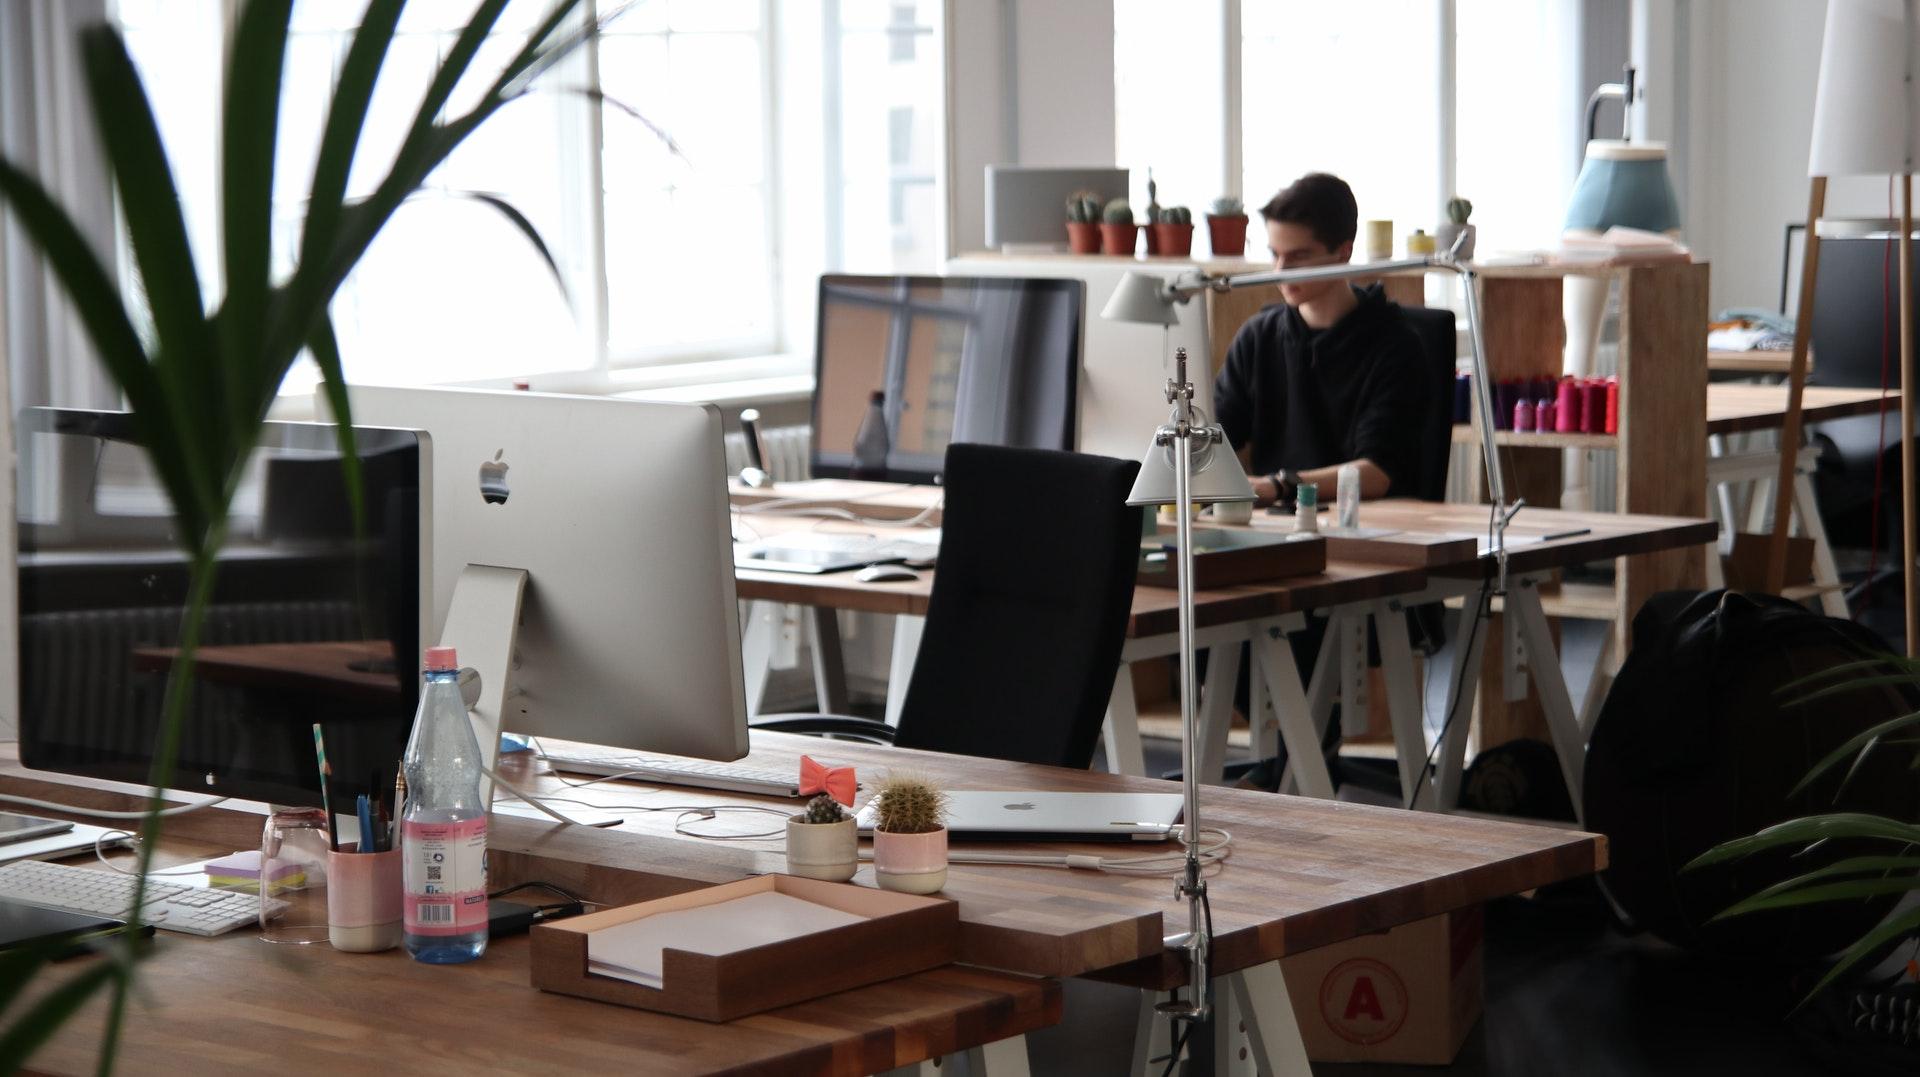 Bureau Informatique Petit Espace le mobilier de bureau comme facteur de bien-être au travail